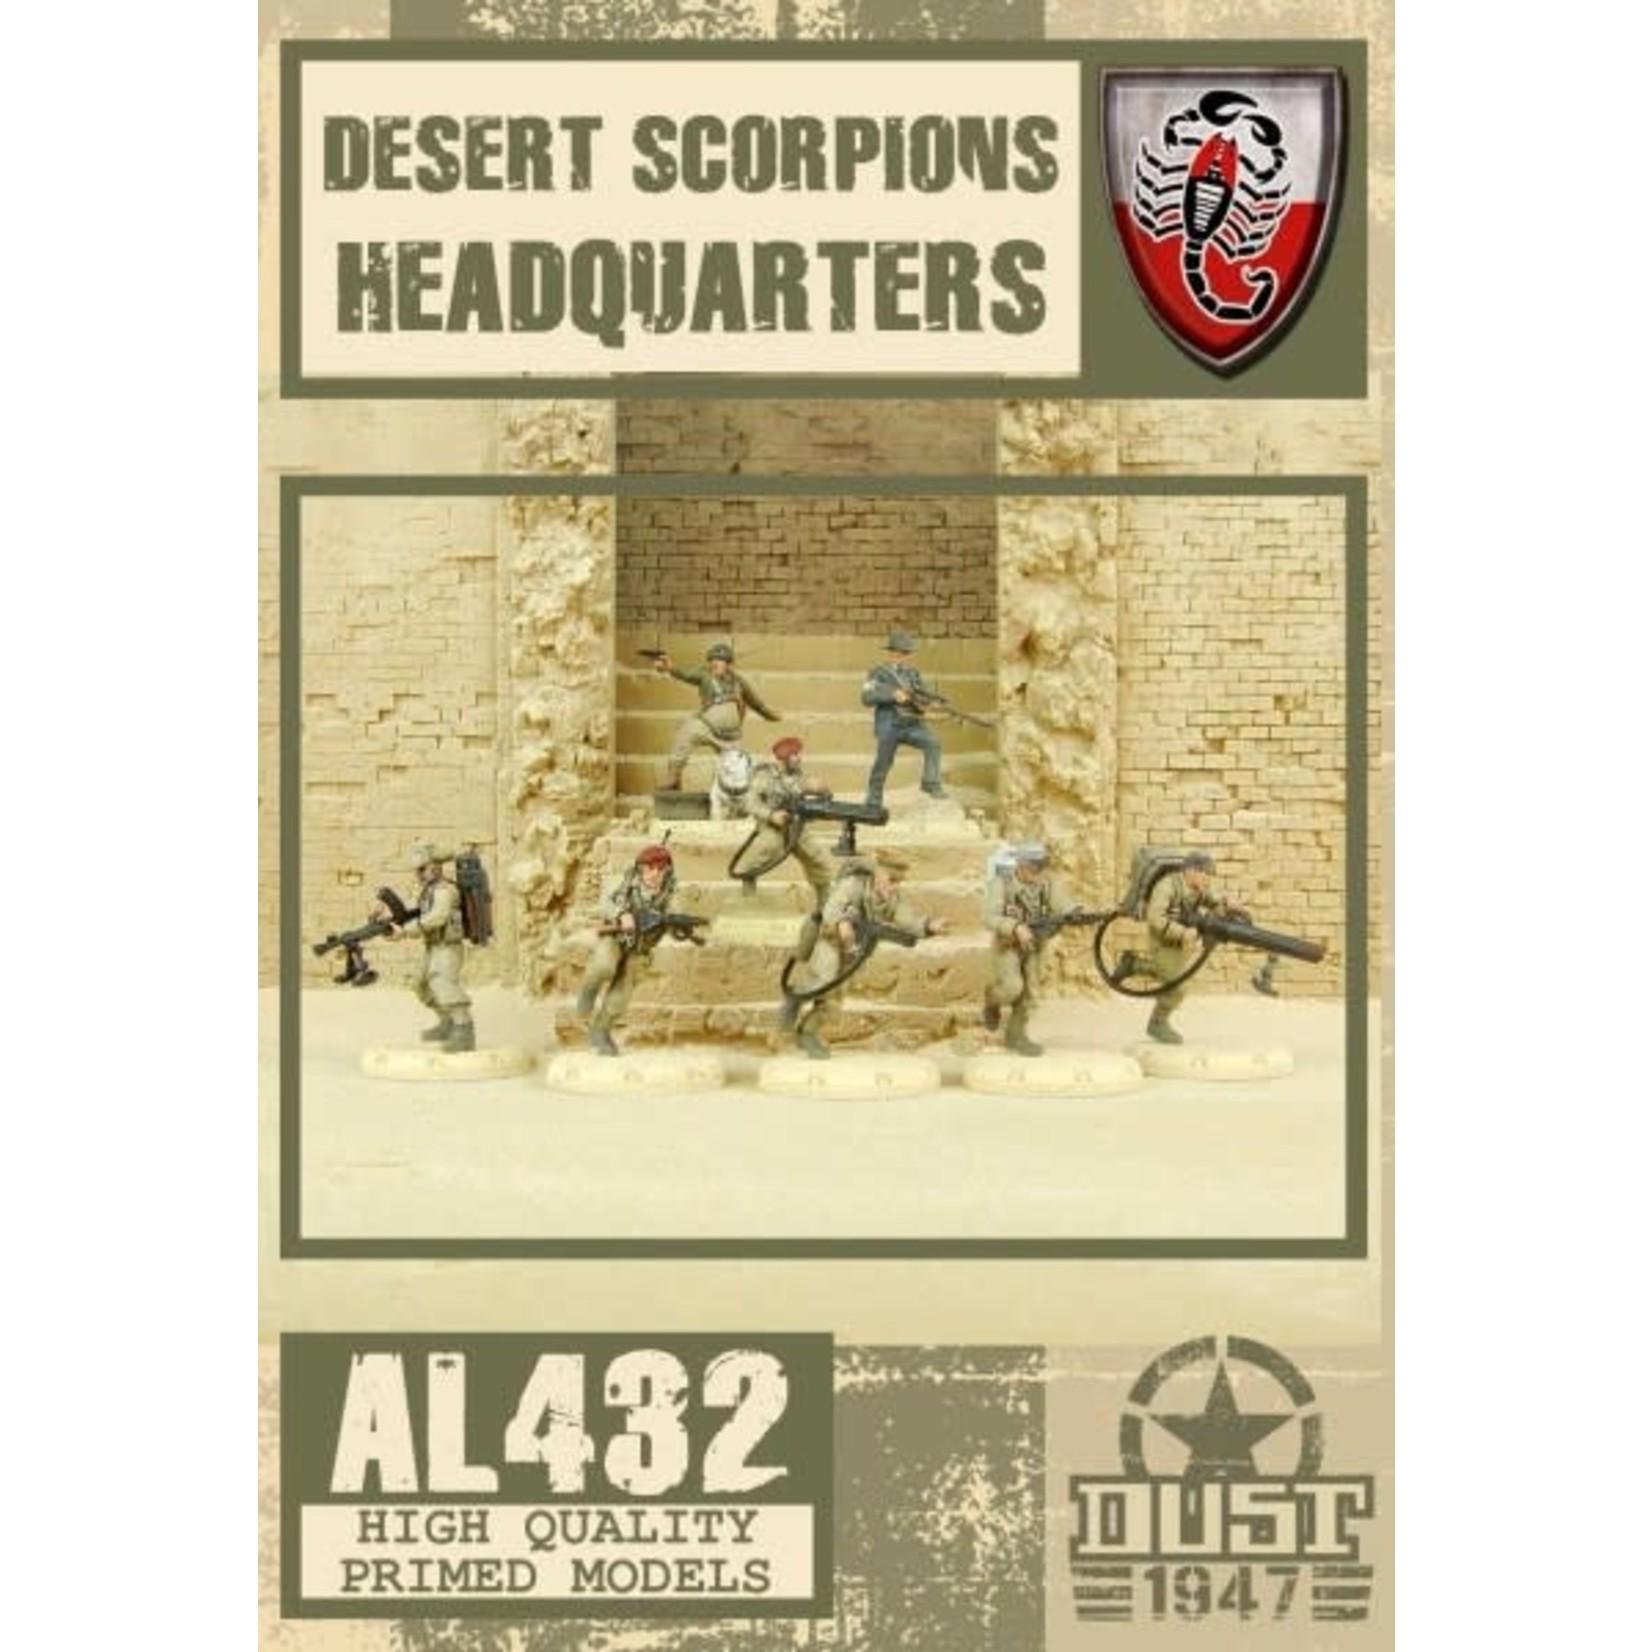 Dust DUST 1947: Desert Scorpion HQ